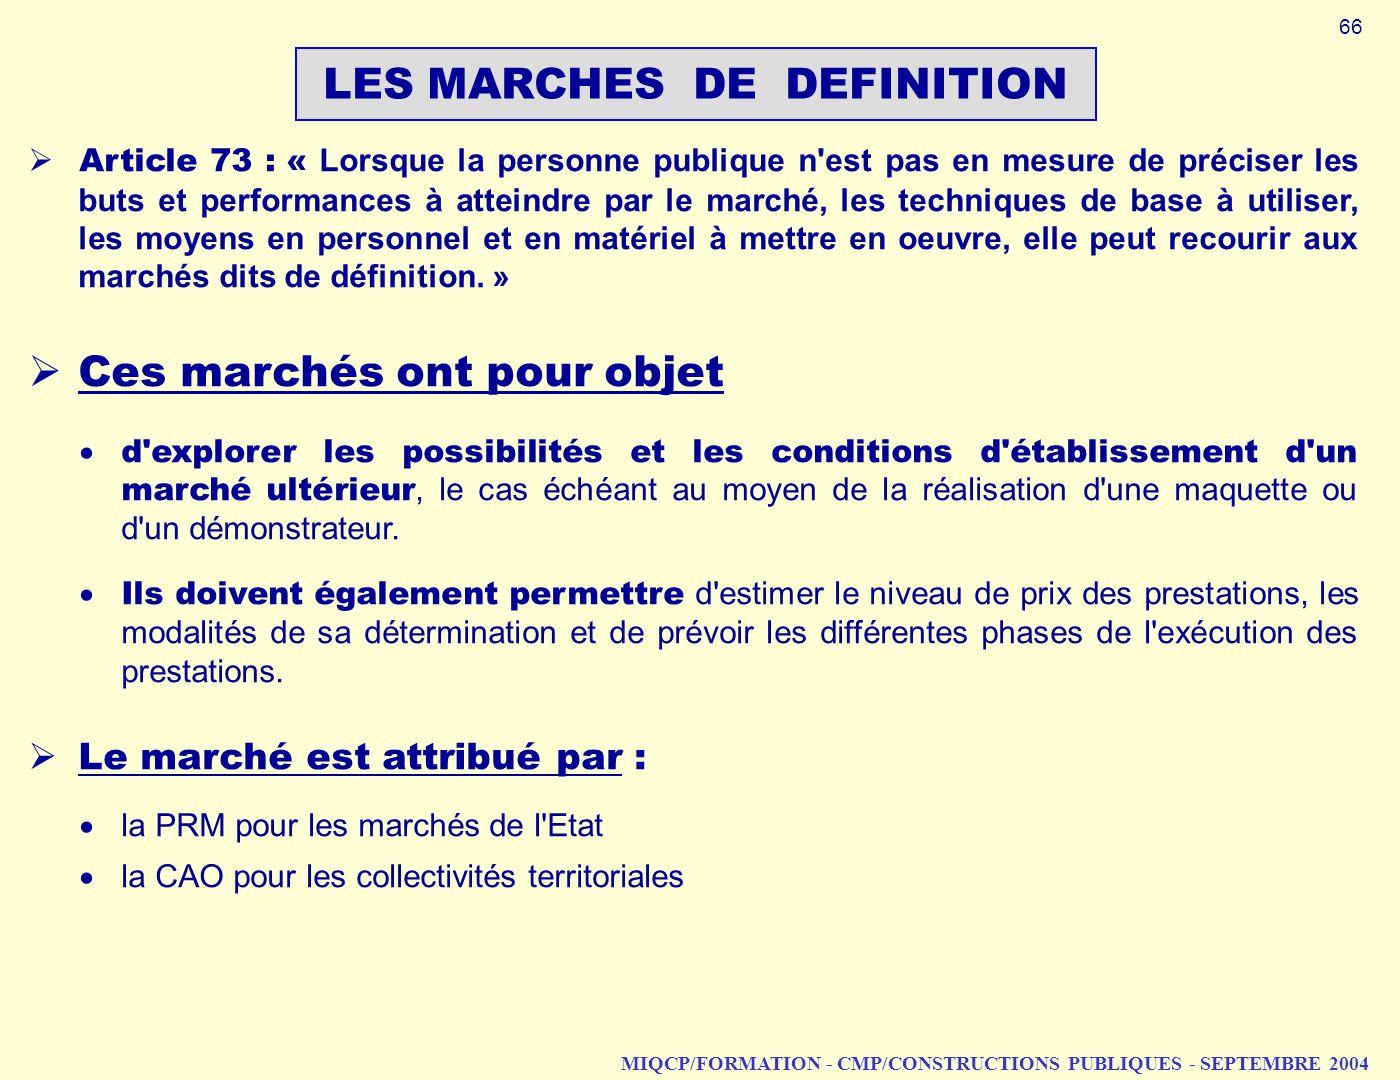 MIQCP/FORMATION - CMP/CONSTRUCTIONS PUBLIQUES - SEPTEMBRE 2004 LES MARCHES DE DEFINITION Article 73 : « Lorsque la personne publique n'est pas en mesu